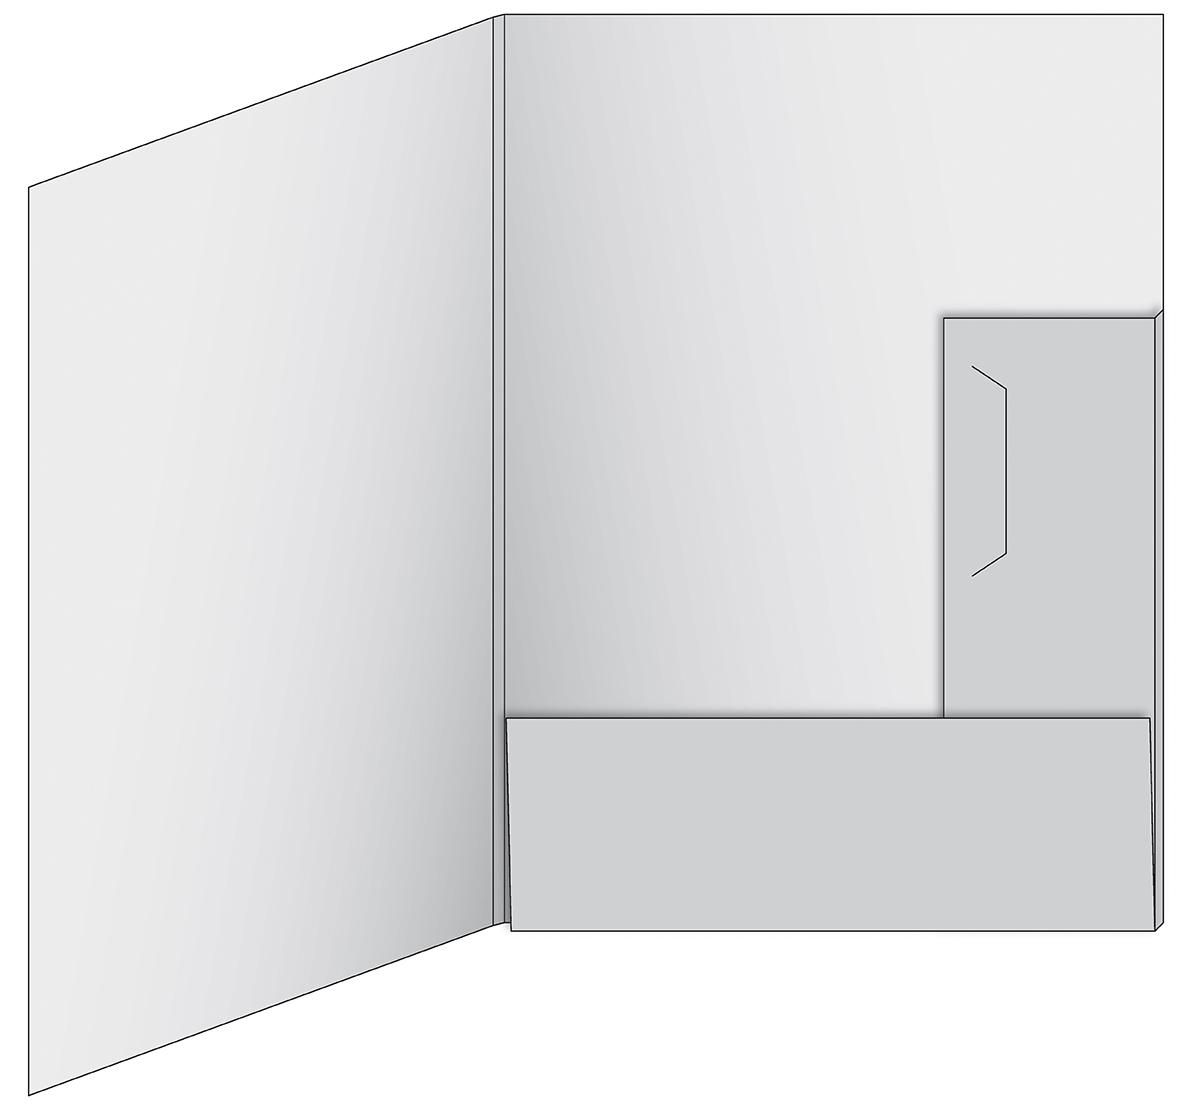 Mappe 017 mit Visitenkarten-Schlitz